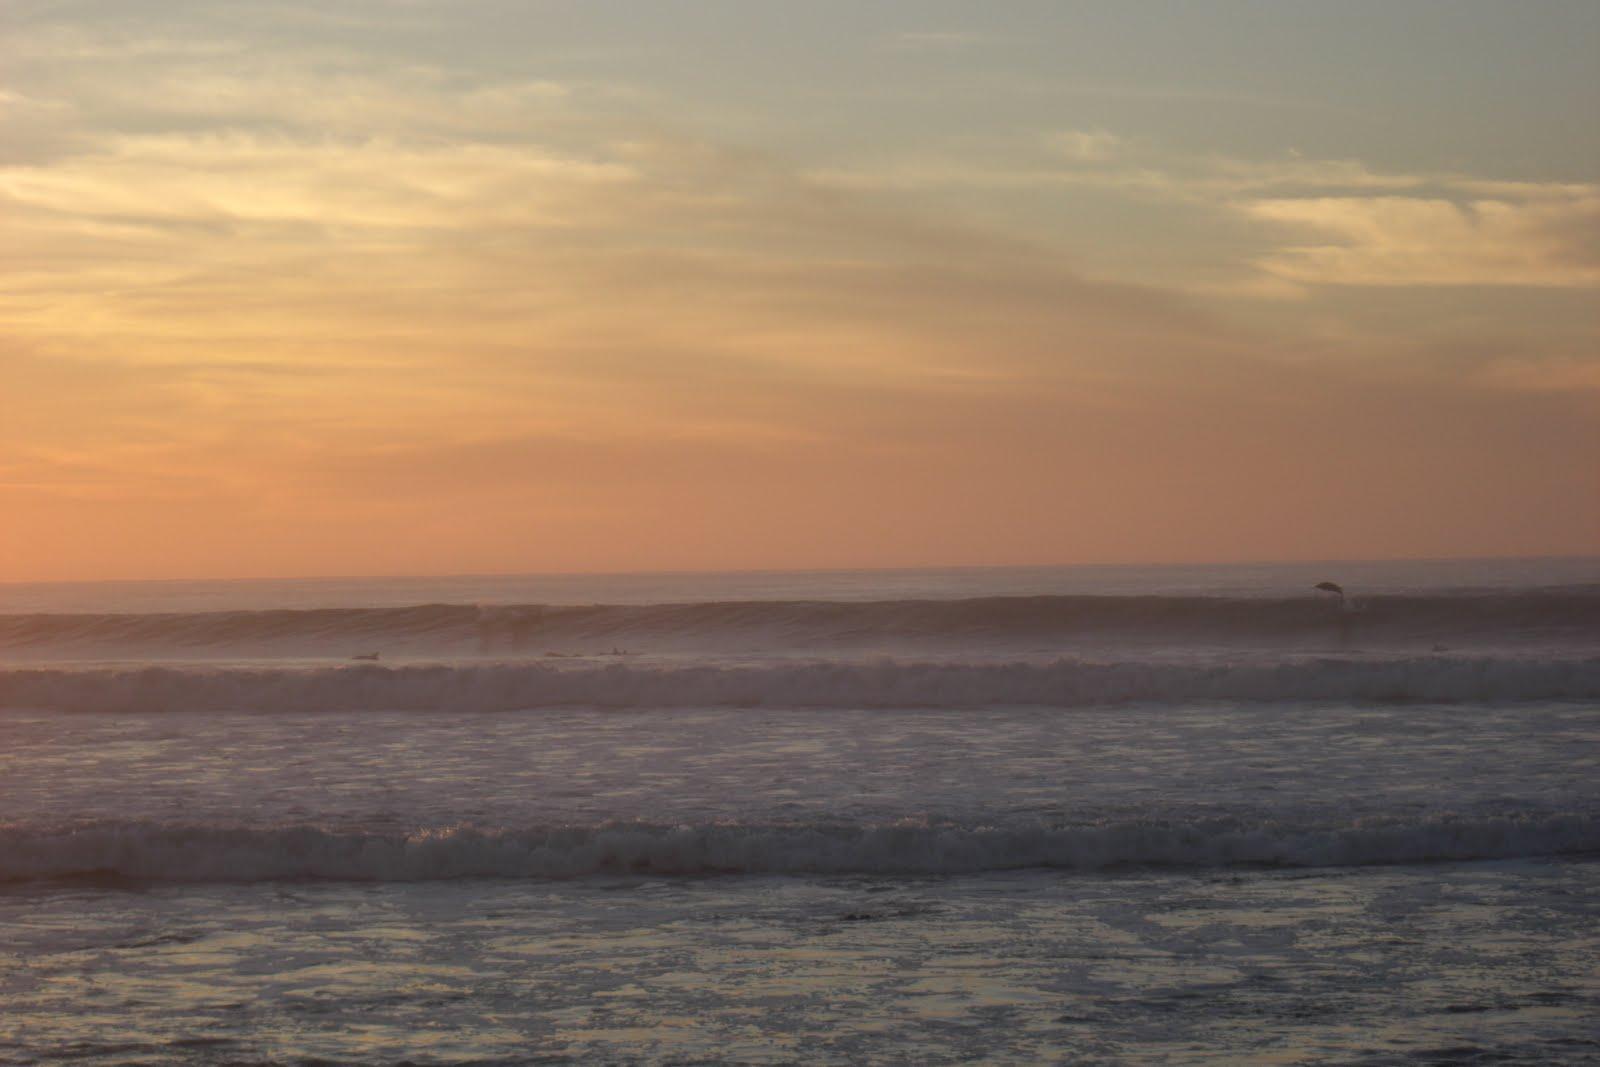 http://3.bp.blogspot.com/_hsRBNGACArA/S74FyNIO6bI/AAAAAAAAAZU/C6rJuR-It6o/s1600/jumping+dolphins+046.JPG